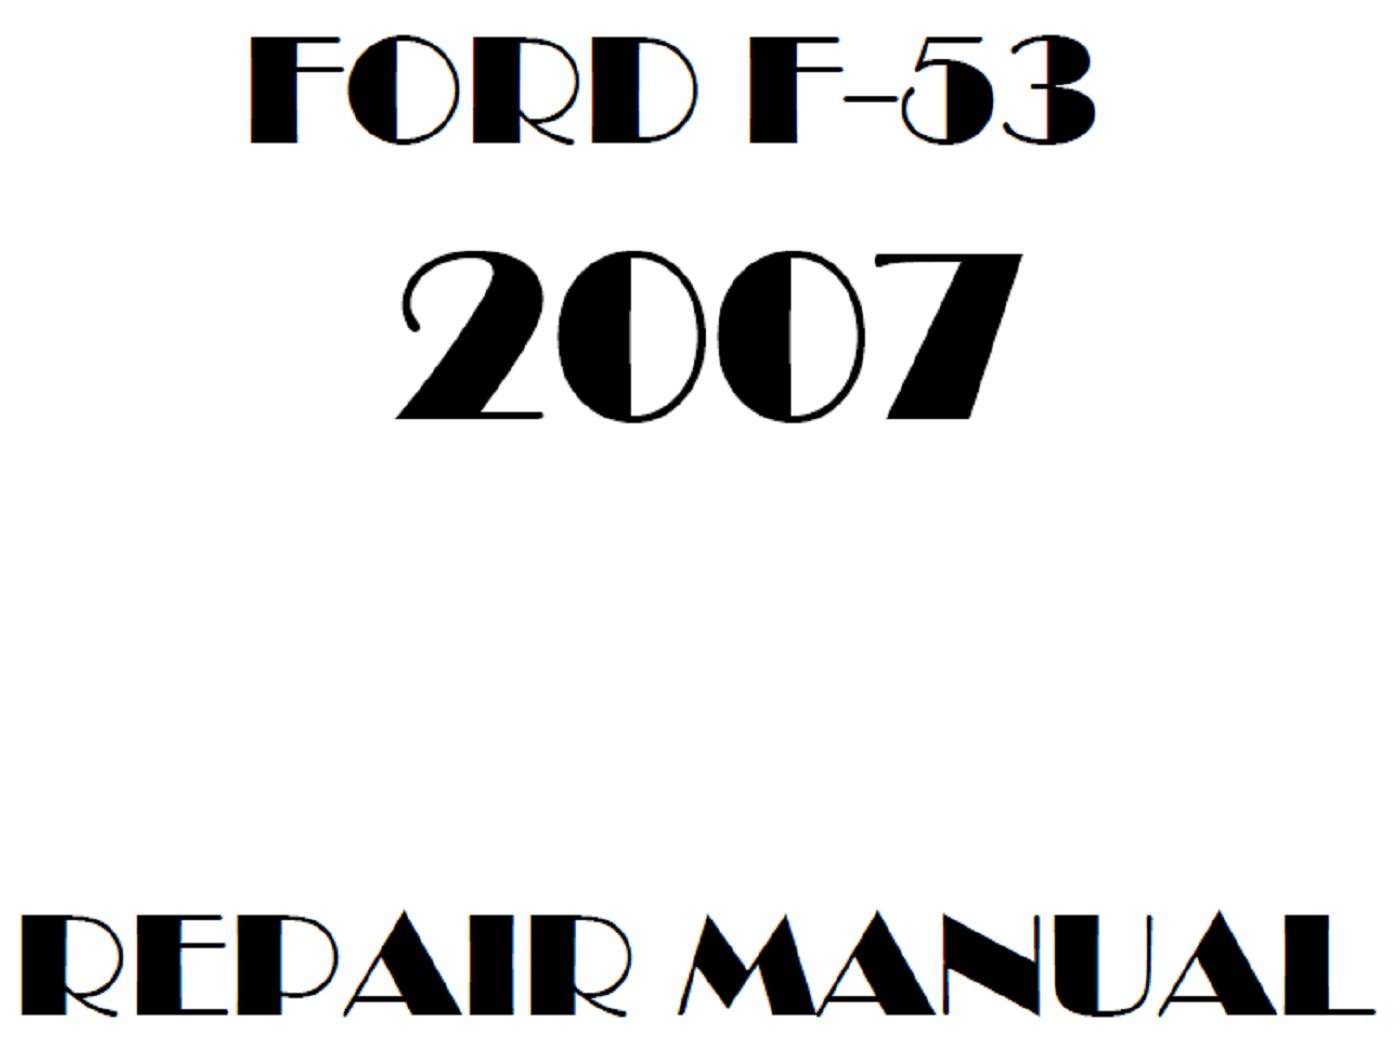 2007 Ford F53 repair manual